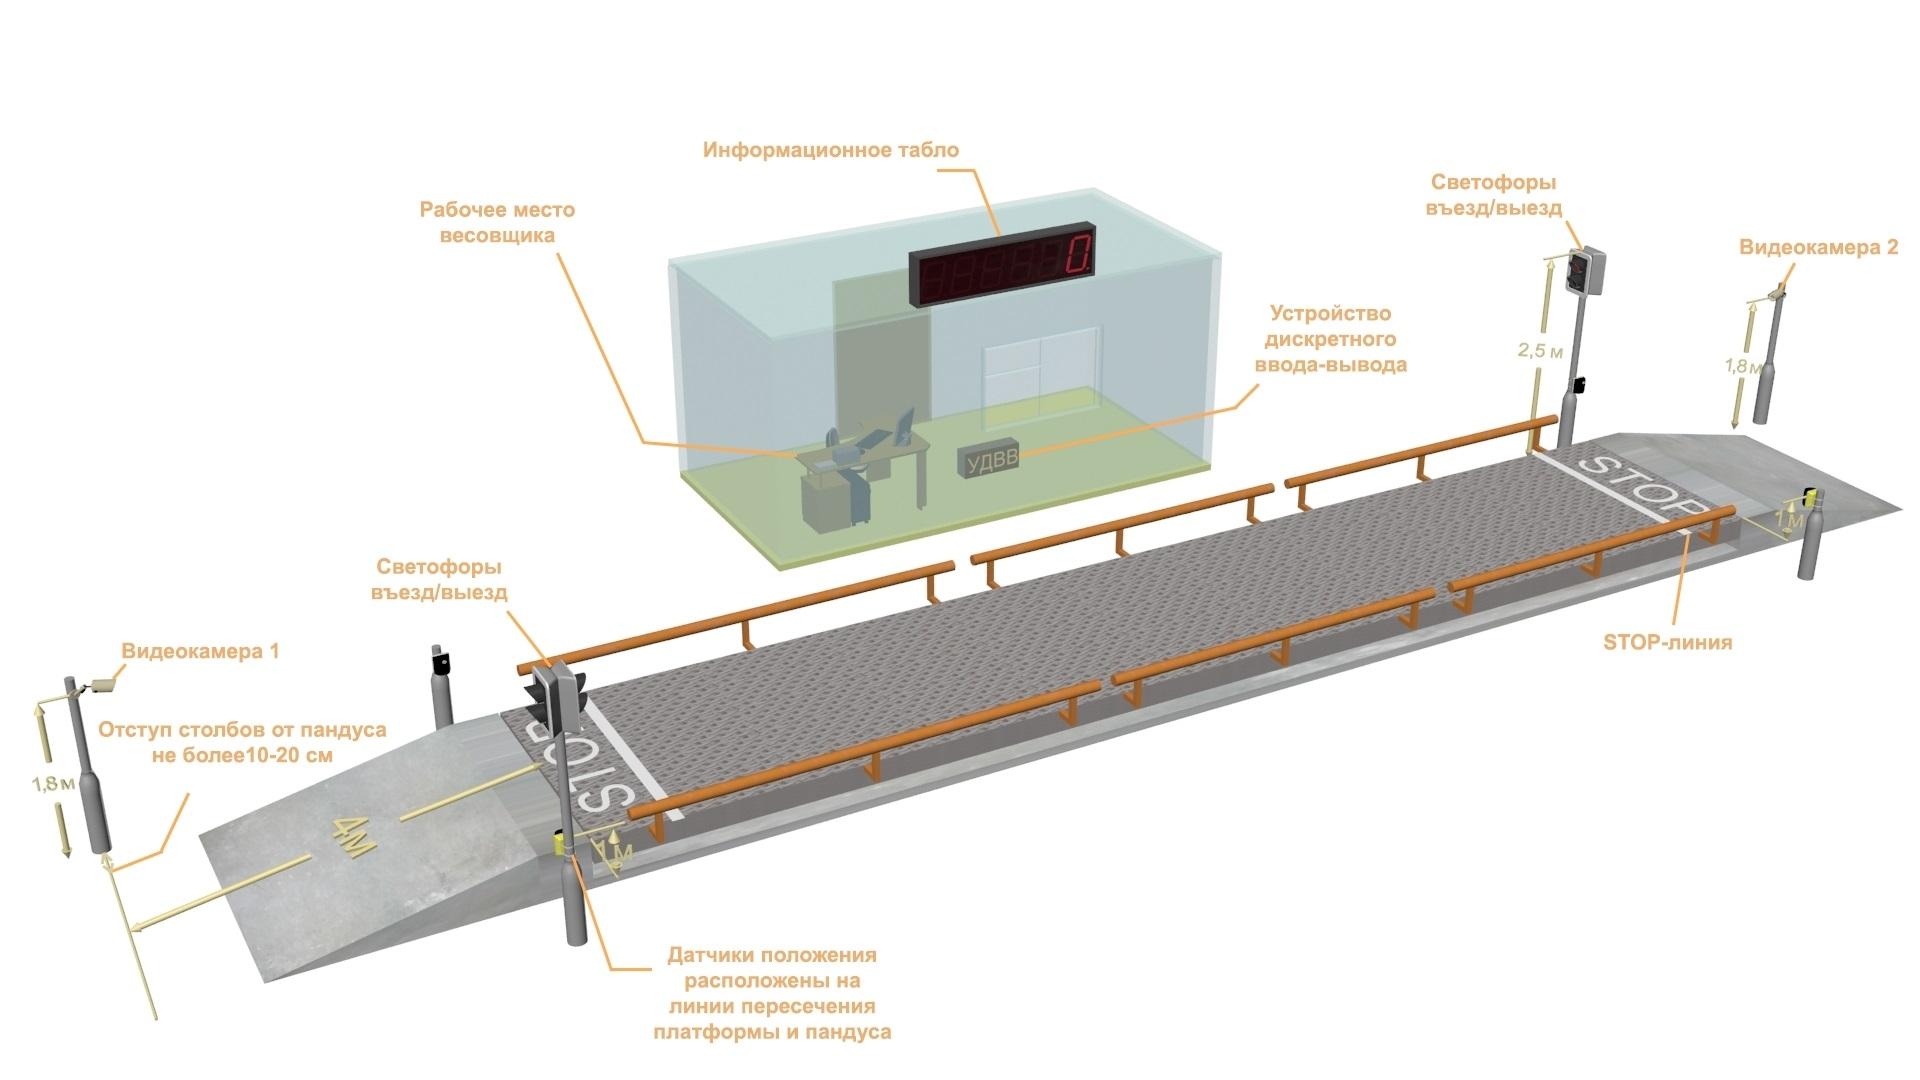 Автоматизация Весового терминала